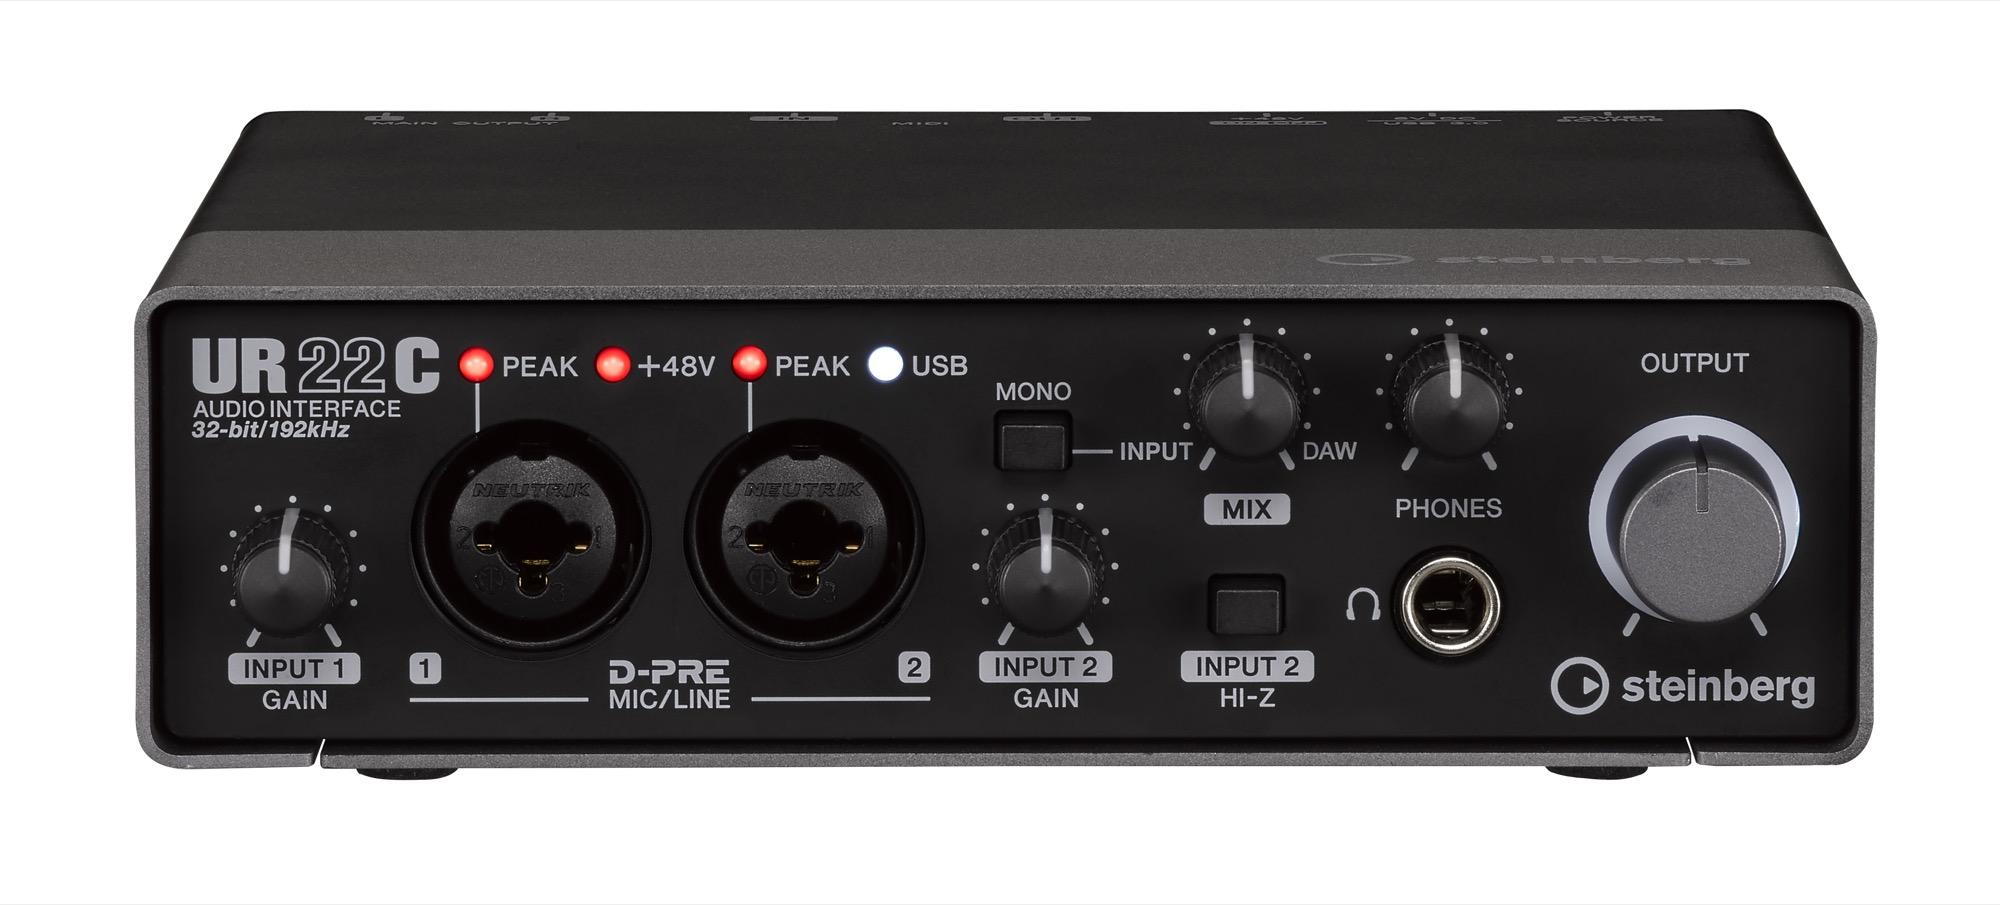 以及DSP驱动的REV-X混响、Channel Strip通道条和Guitar Amp Classics经典吉他放大器模拟(也赠送VST 3和AU格式的插件版本) USB 3.0供电即插即用(USB 2.0接口需要额外供电) 带有MIDI输入和输出接口 坚固的金属外壳 赠送支持PC/Mac的Cubase AI音乐制作软件和iOS版的Cubasis LE iPad音乐制作应用 跨平台兼容性